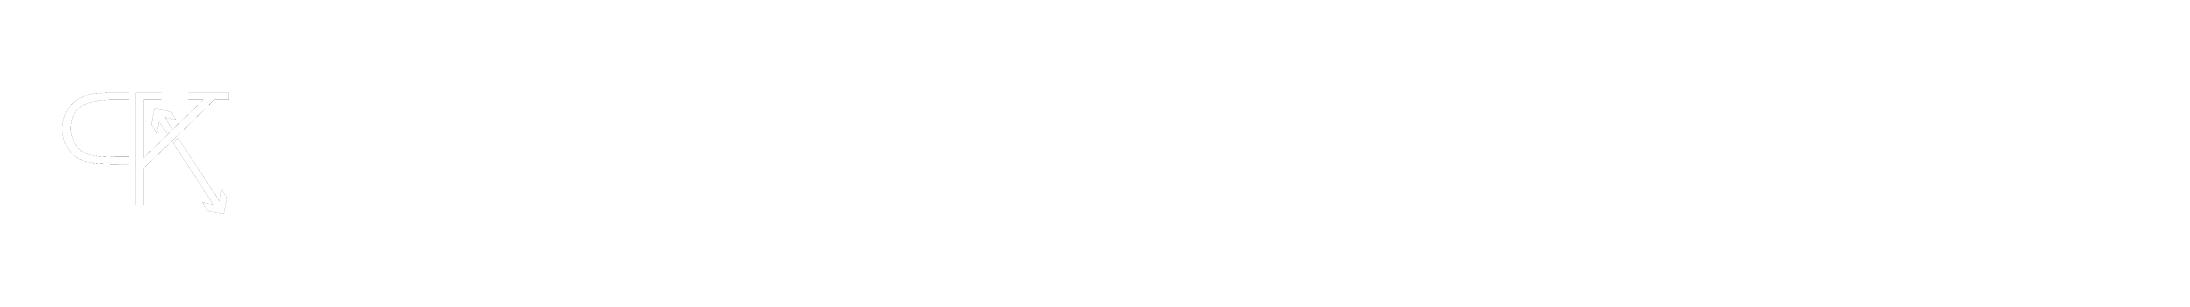 Pastatu kadastras logo su tekstu tiesiai